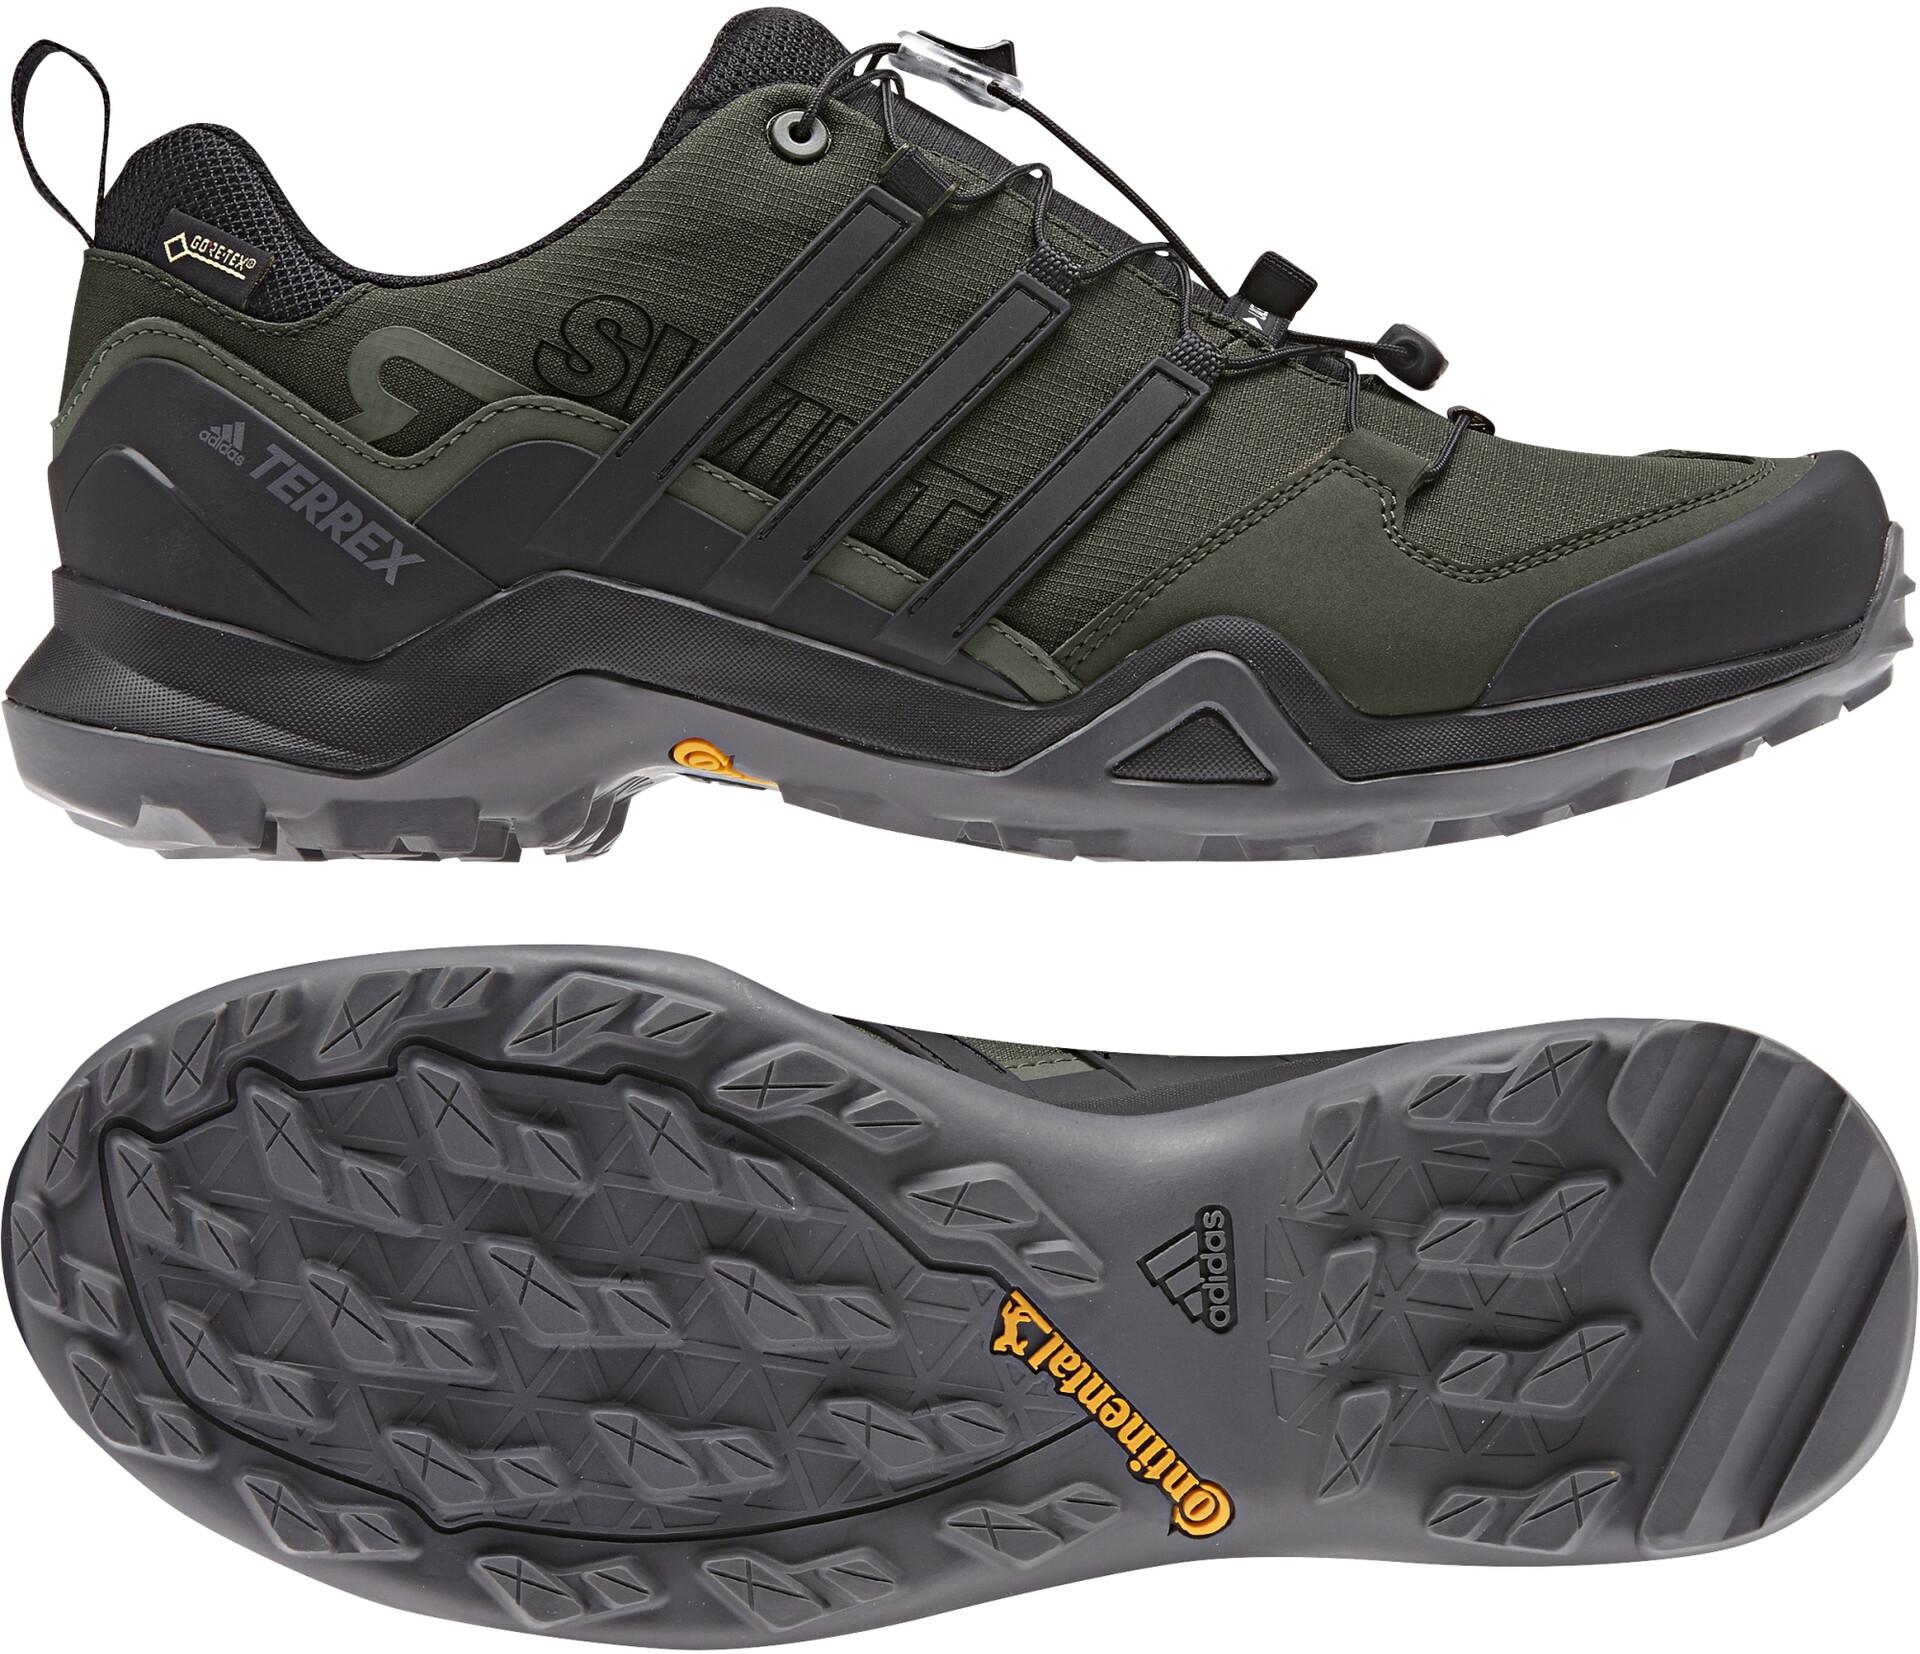 Adidas Heren Schoenen Terrex R2 Grijszwart Gtx Swift wOZX0kN8nP